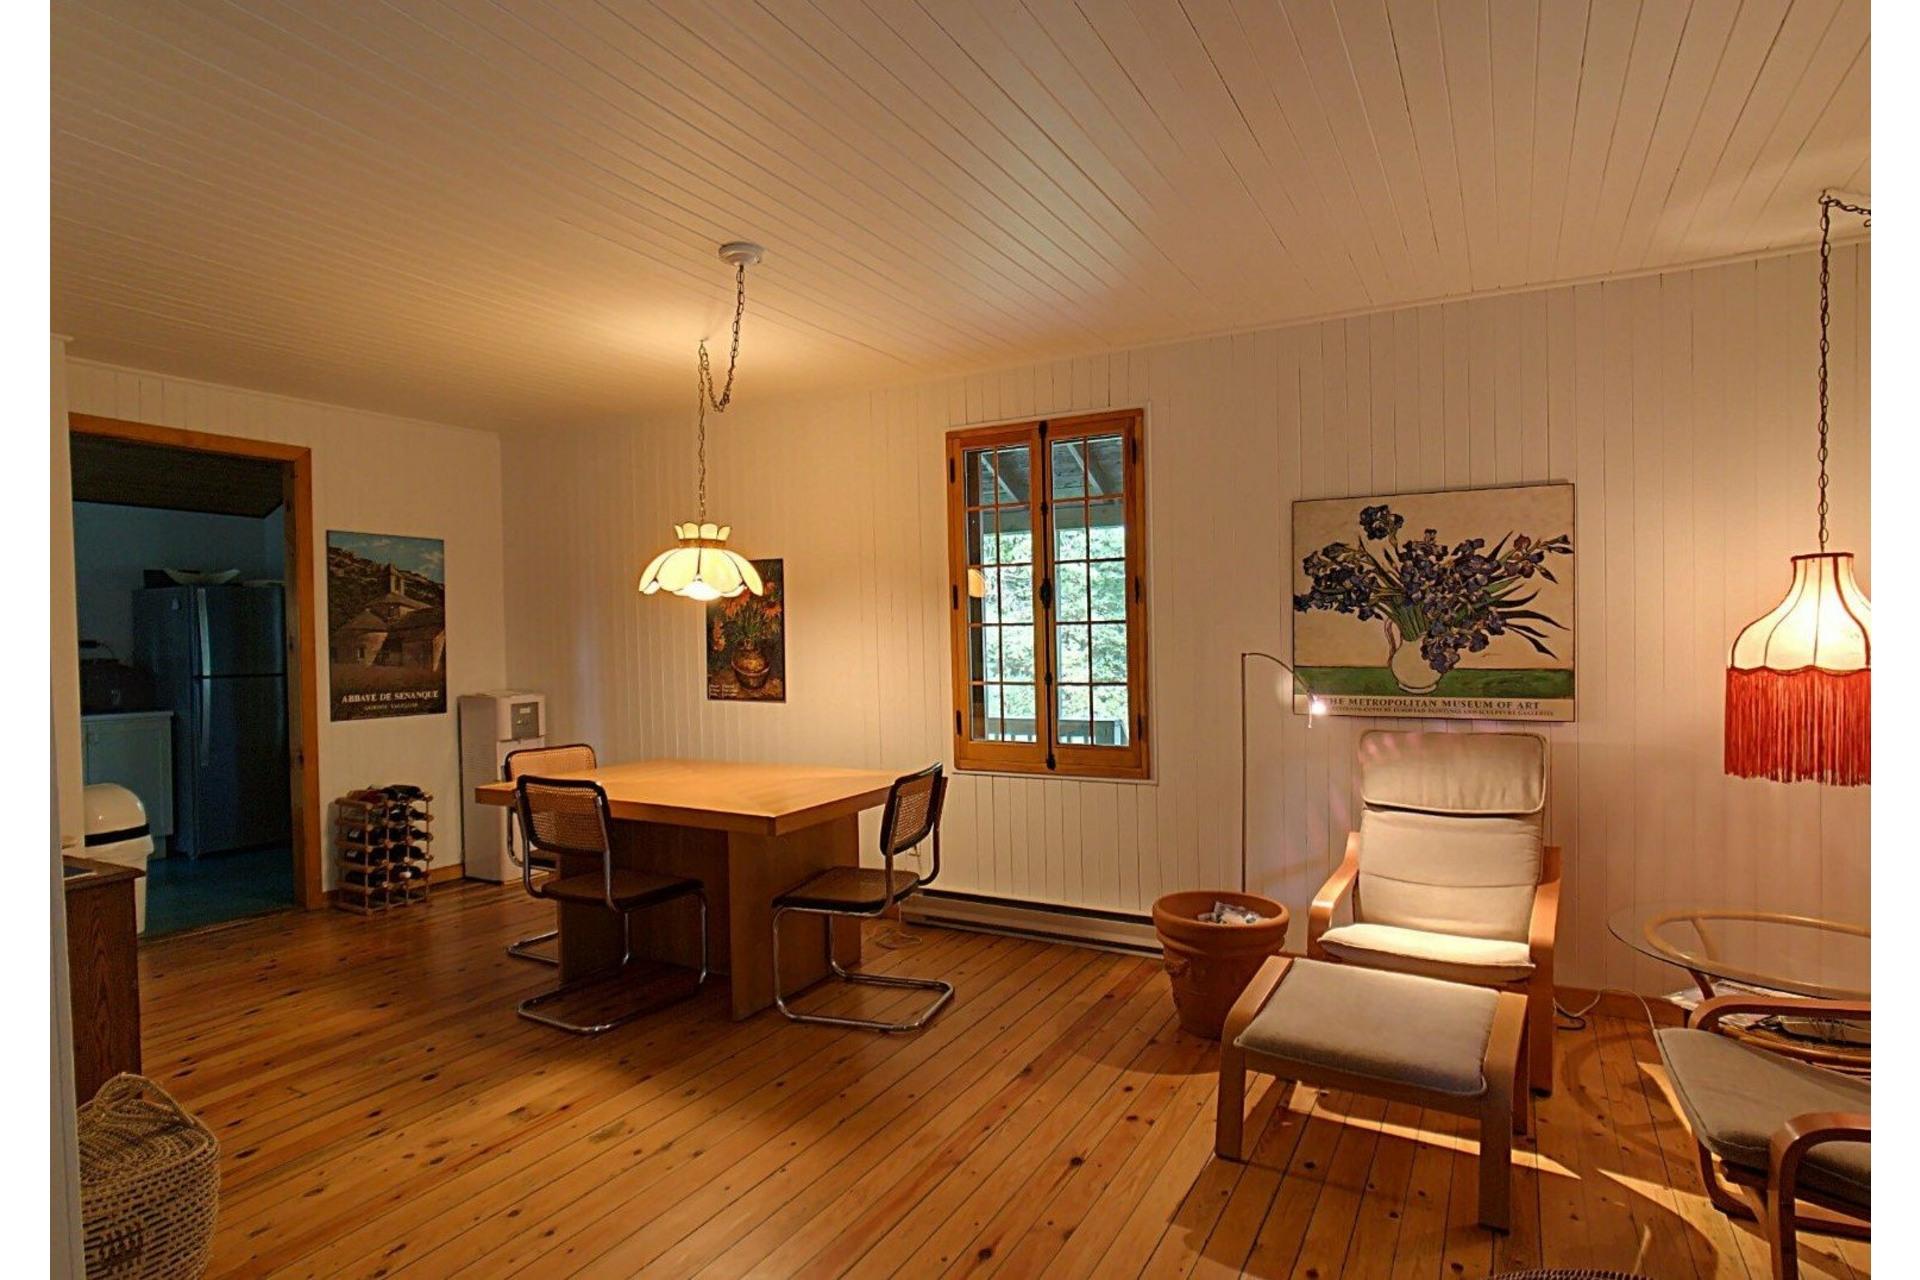 image 27 - Land For sale Vaudreuil-sur-le-Lac